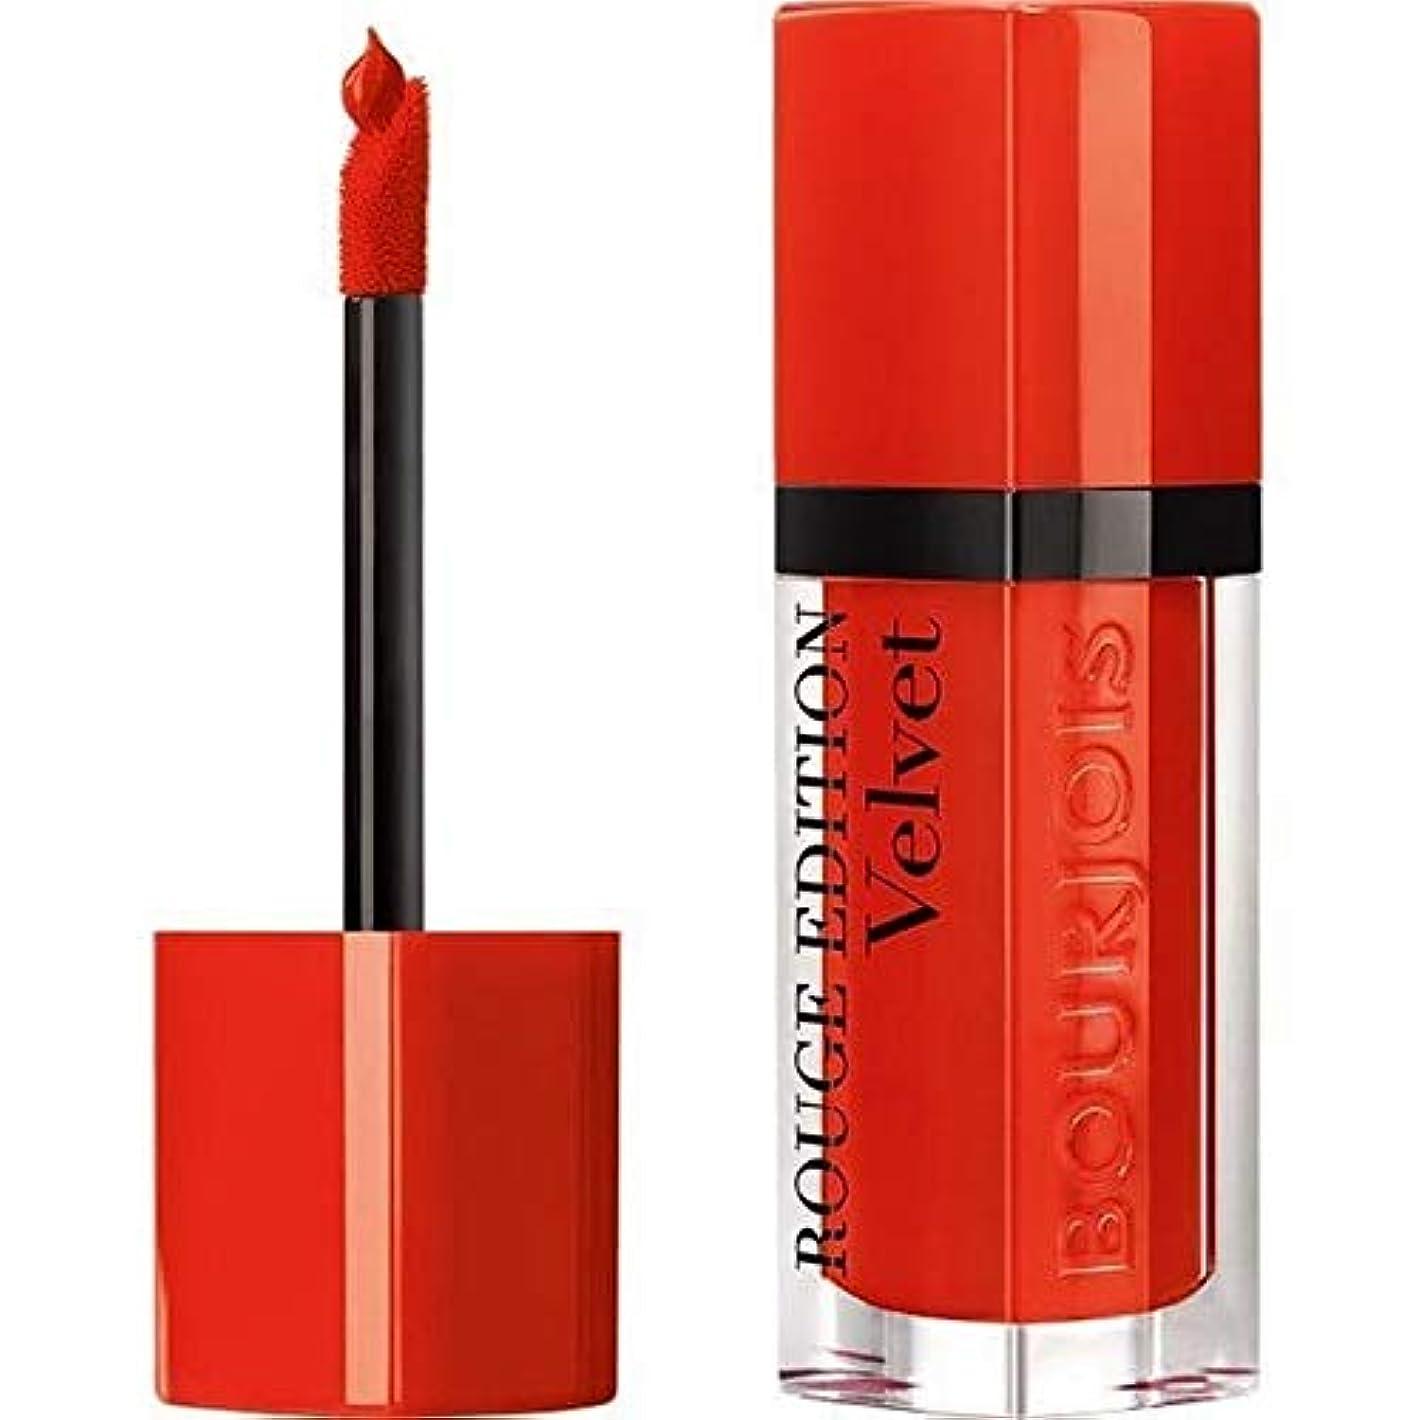 兵器庫カール延期する[Bourjois ] ブルジョワルージュ版のベルベットの口紅ケシの日20 - Bourjois Rouge Edition Velvet Lipstick Poppy Days 20 [並行輸入品]